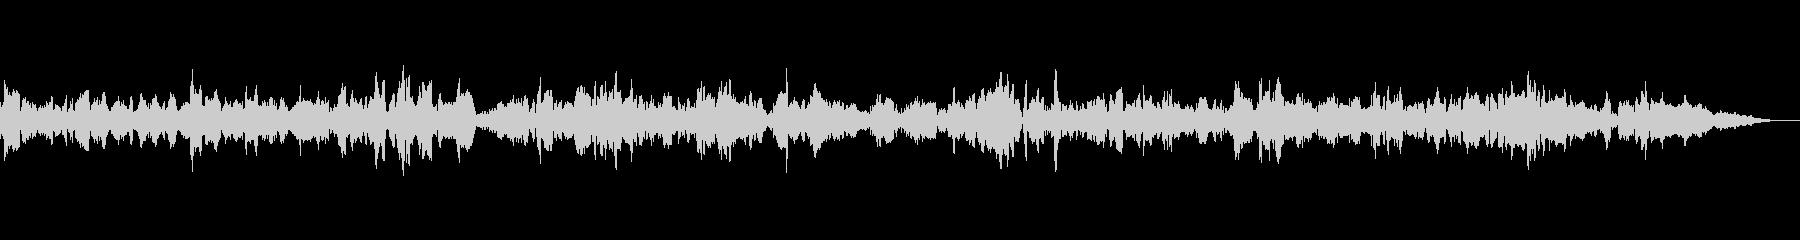 教会に響き渡るバイオリン独奏曲1の未再生の波形